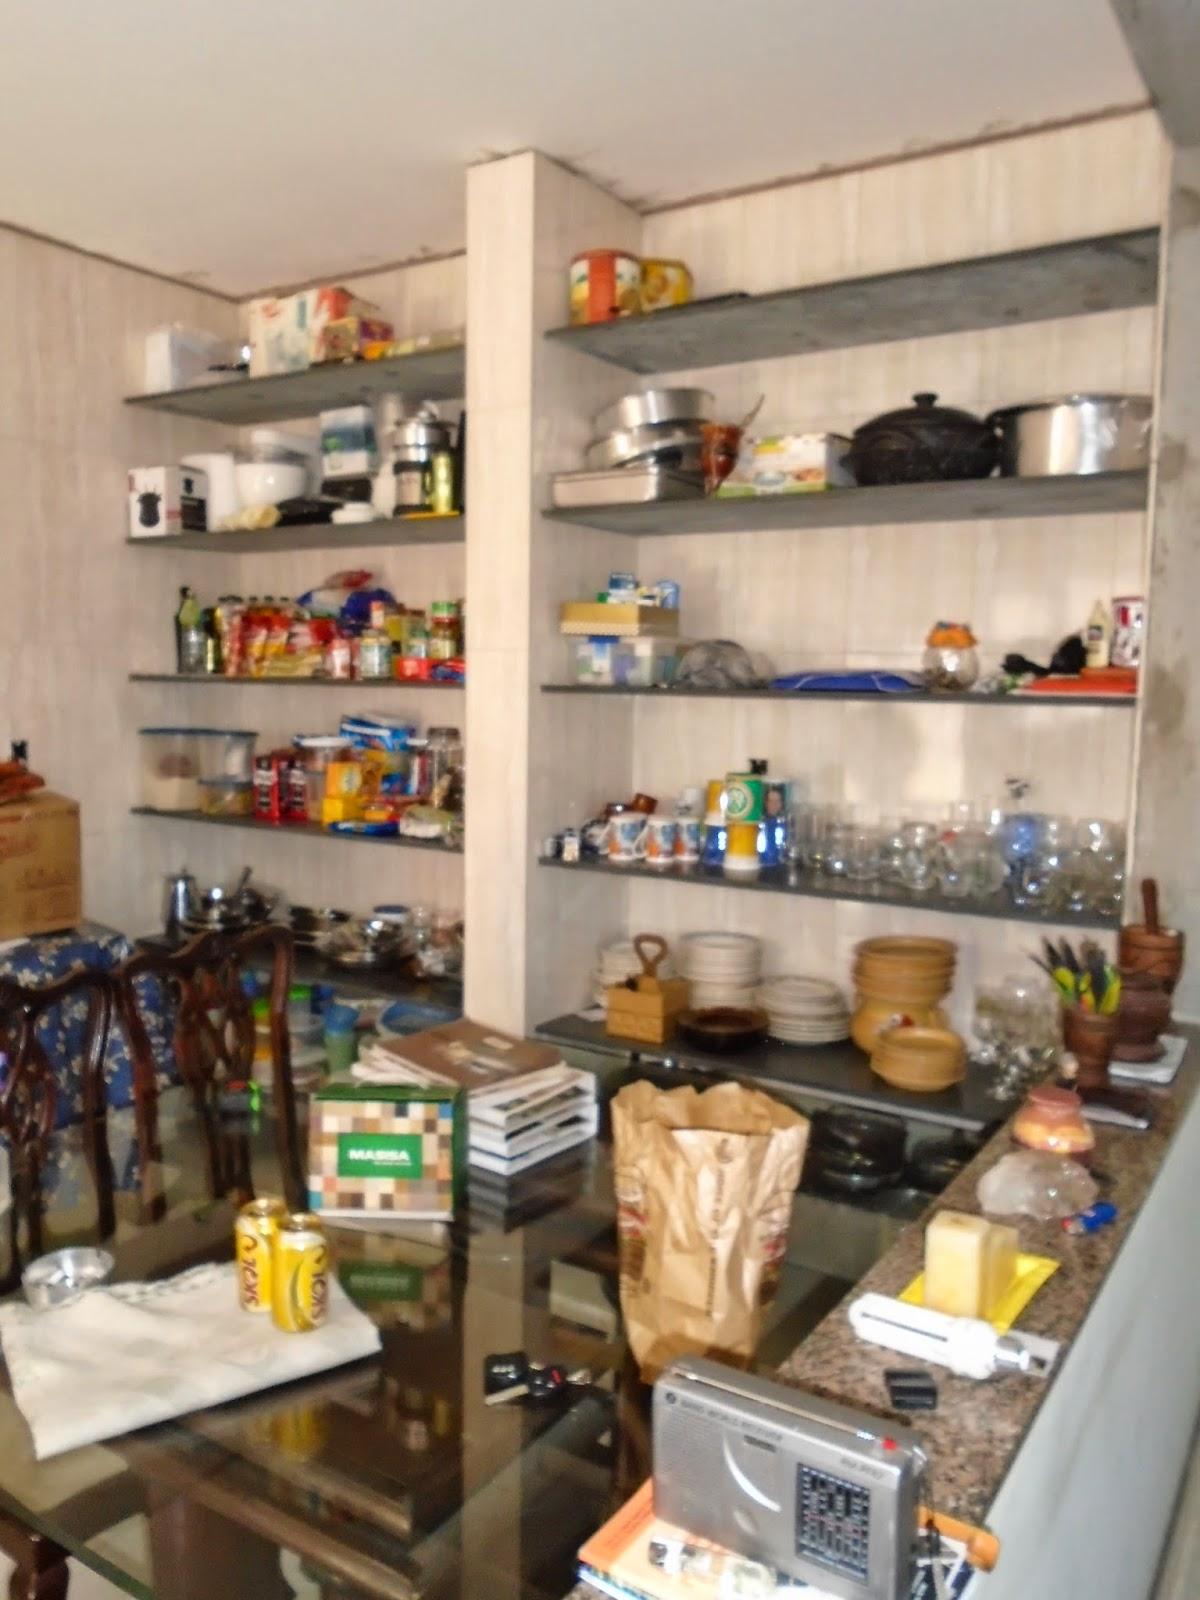 : Gabinete Sob Pia de Cozinha   Portas Deslizantes de Fechamento Para  #9D6B2E 1200 1600